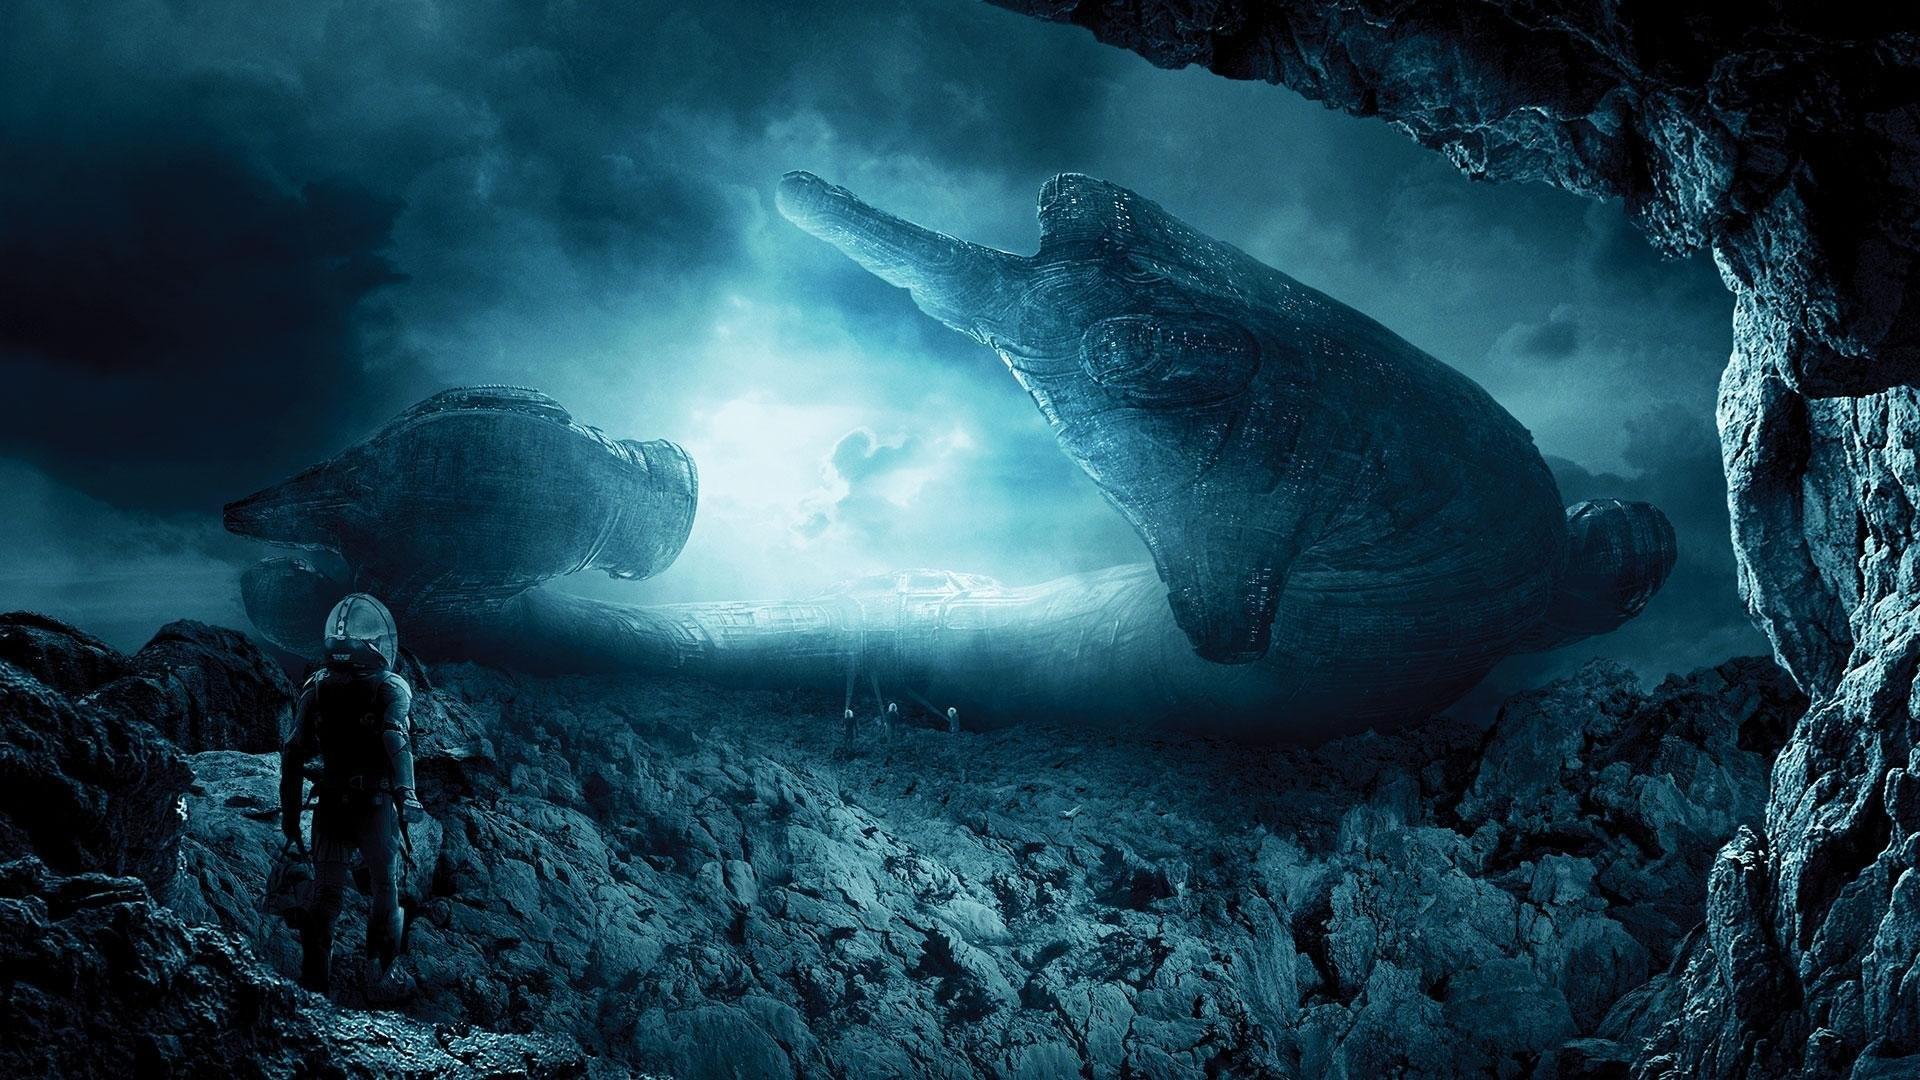 Alien Covenant HD Images whb 8 #AlienCovenantHDImages #AlienCovenant  #movies #wallpapers #hdwallpapers